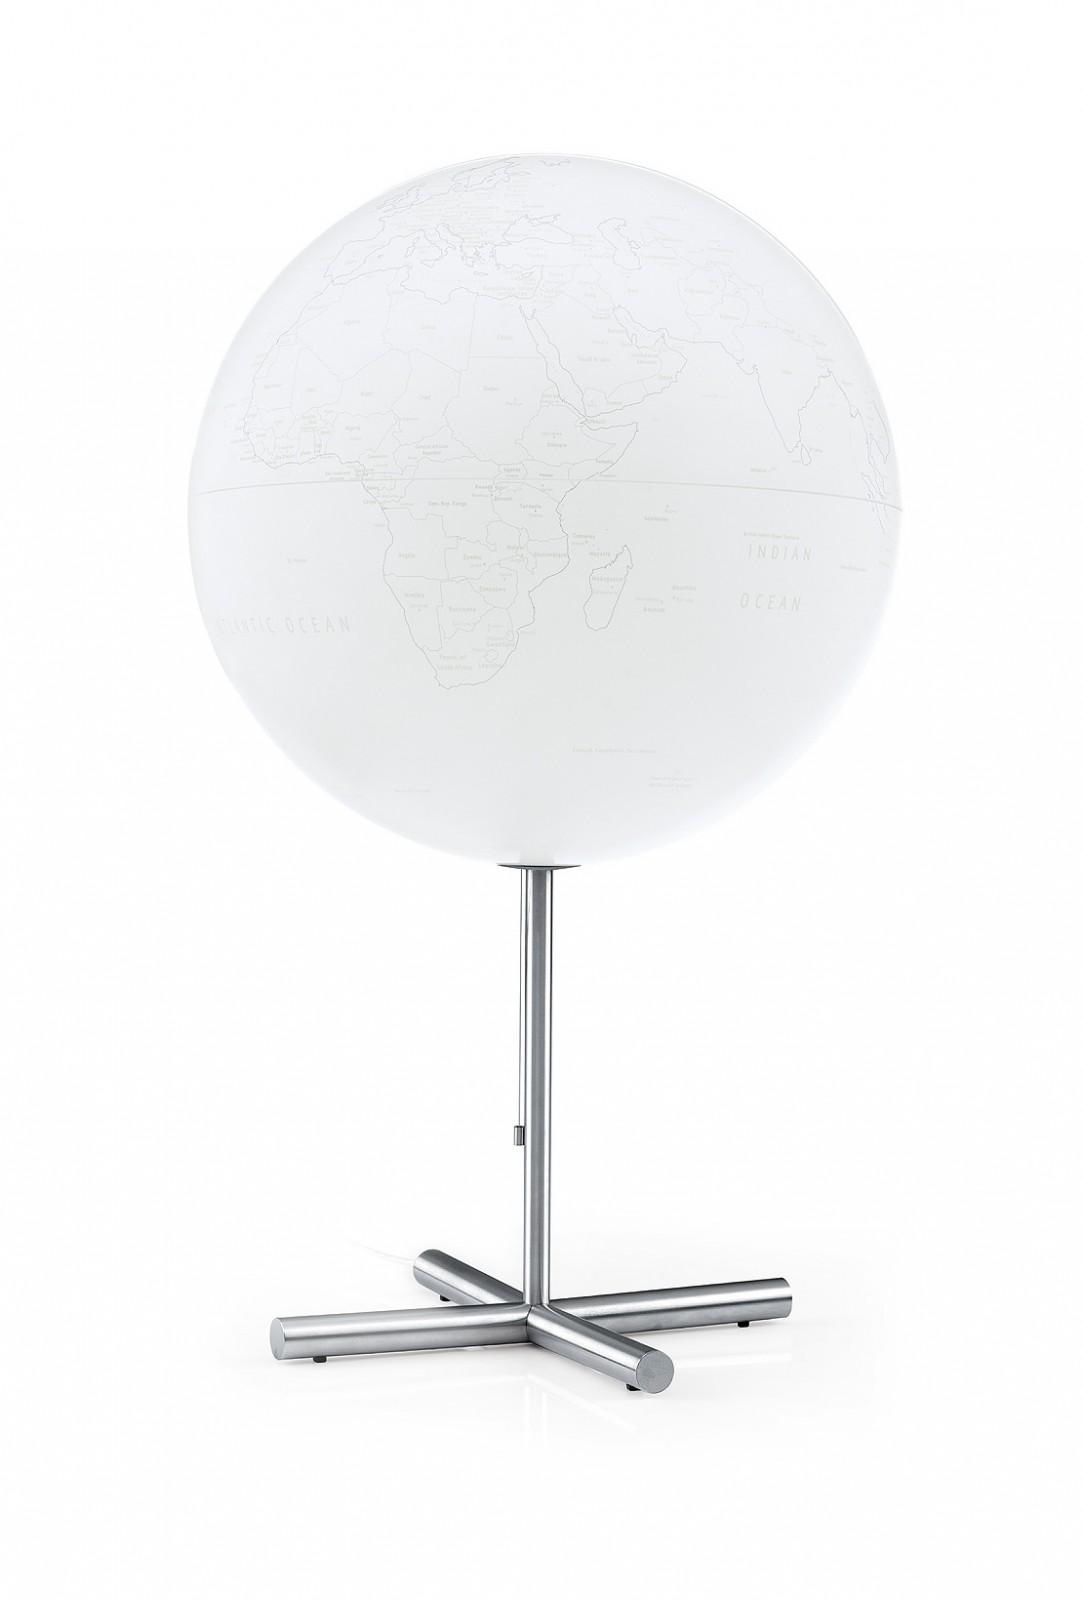 atmosphere globus lampe leuchte leuchtglobus globen globe. Black Bedroom Furniture Sets. Home Design Ideas